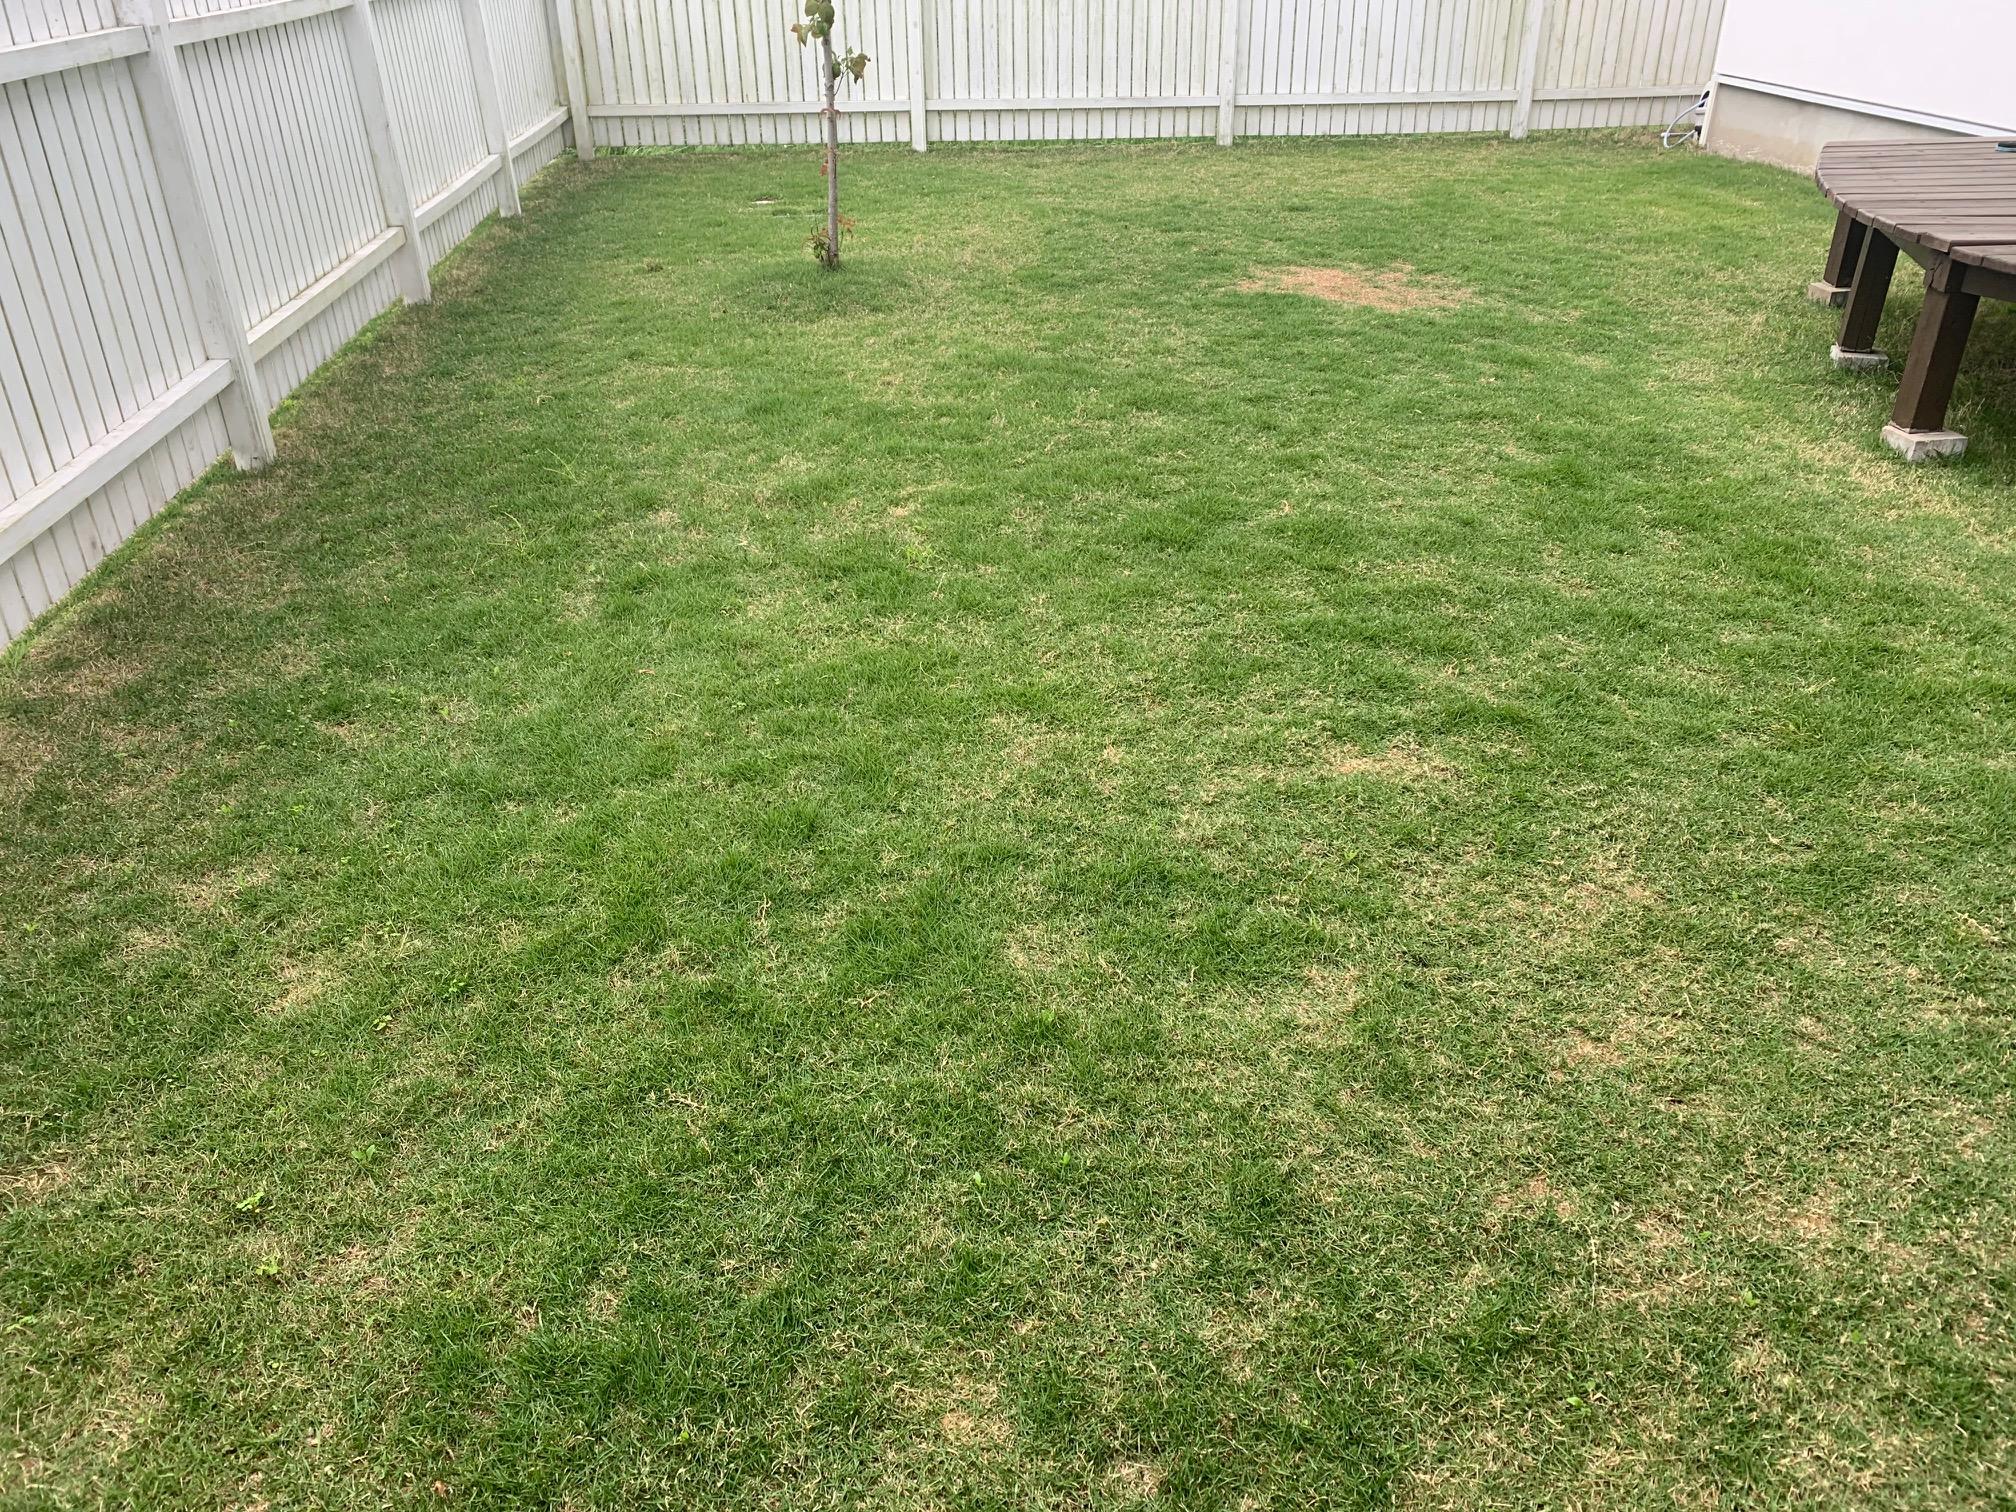 2021.05.15 芝生の状況(雑草除去)